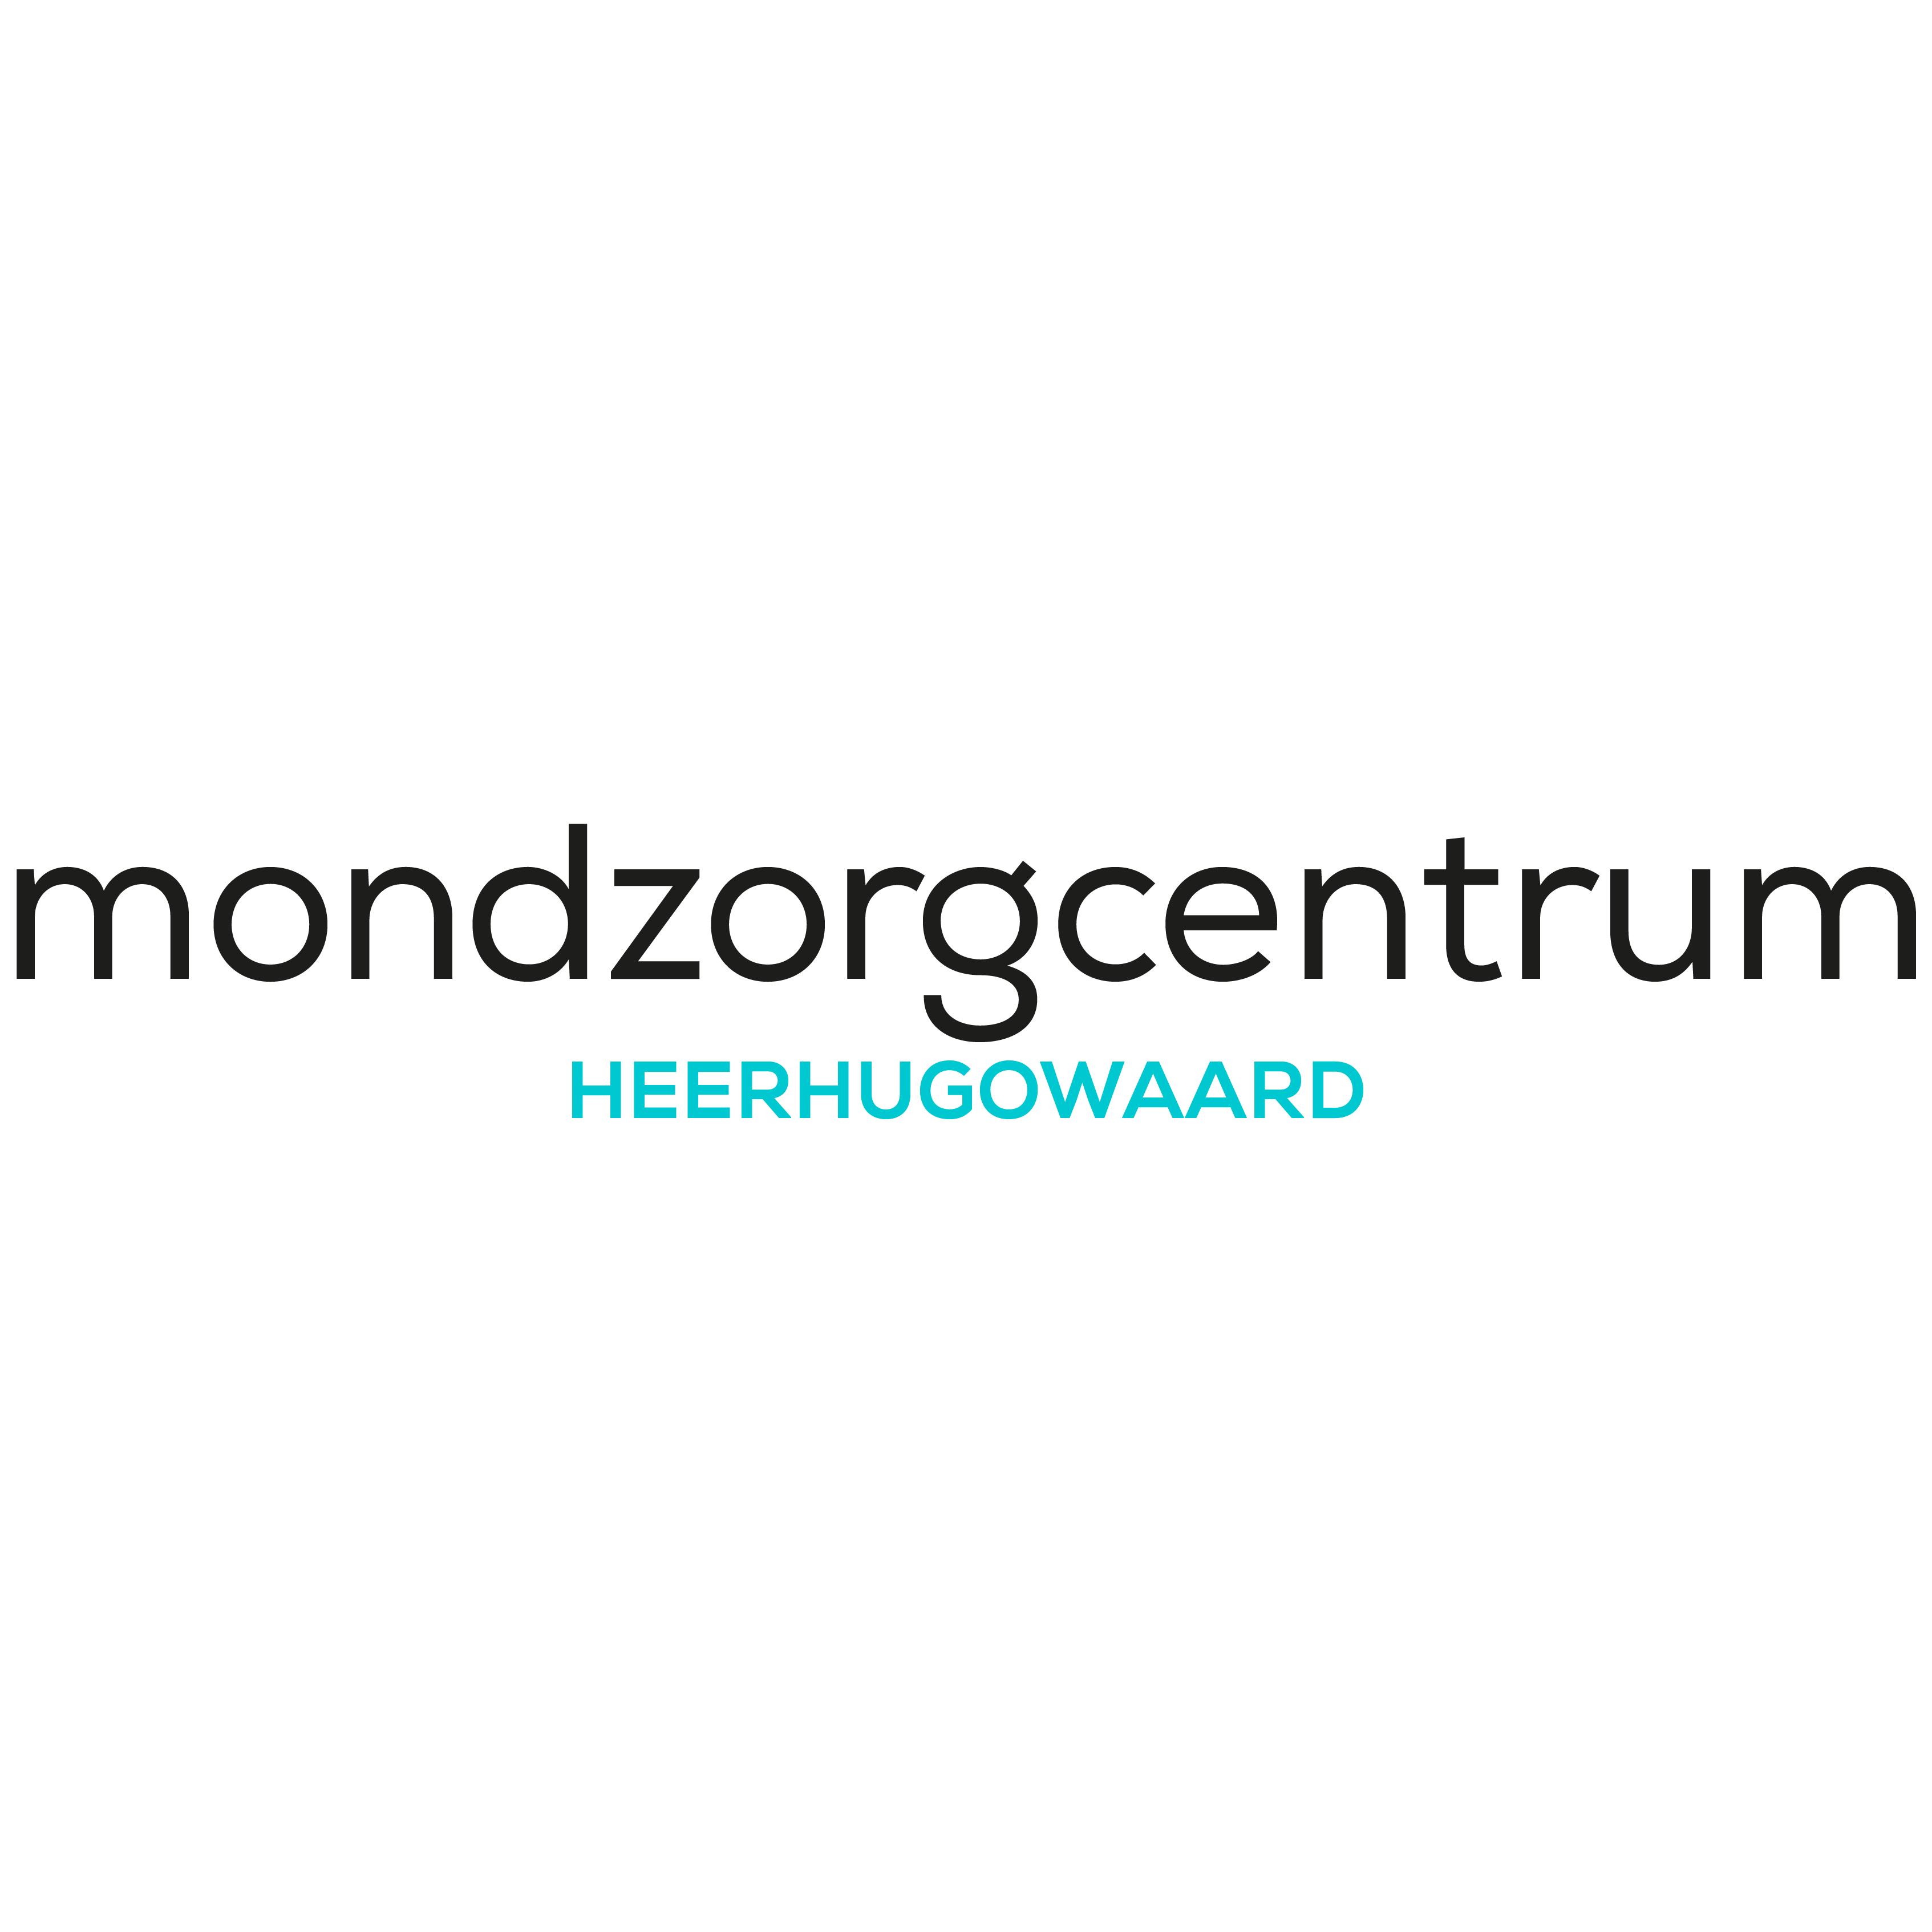 Mondzorgcentrum Heerhugowaard